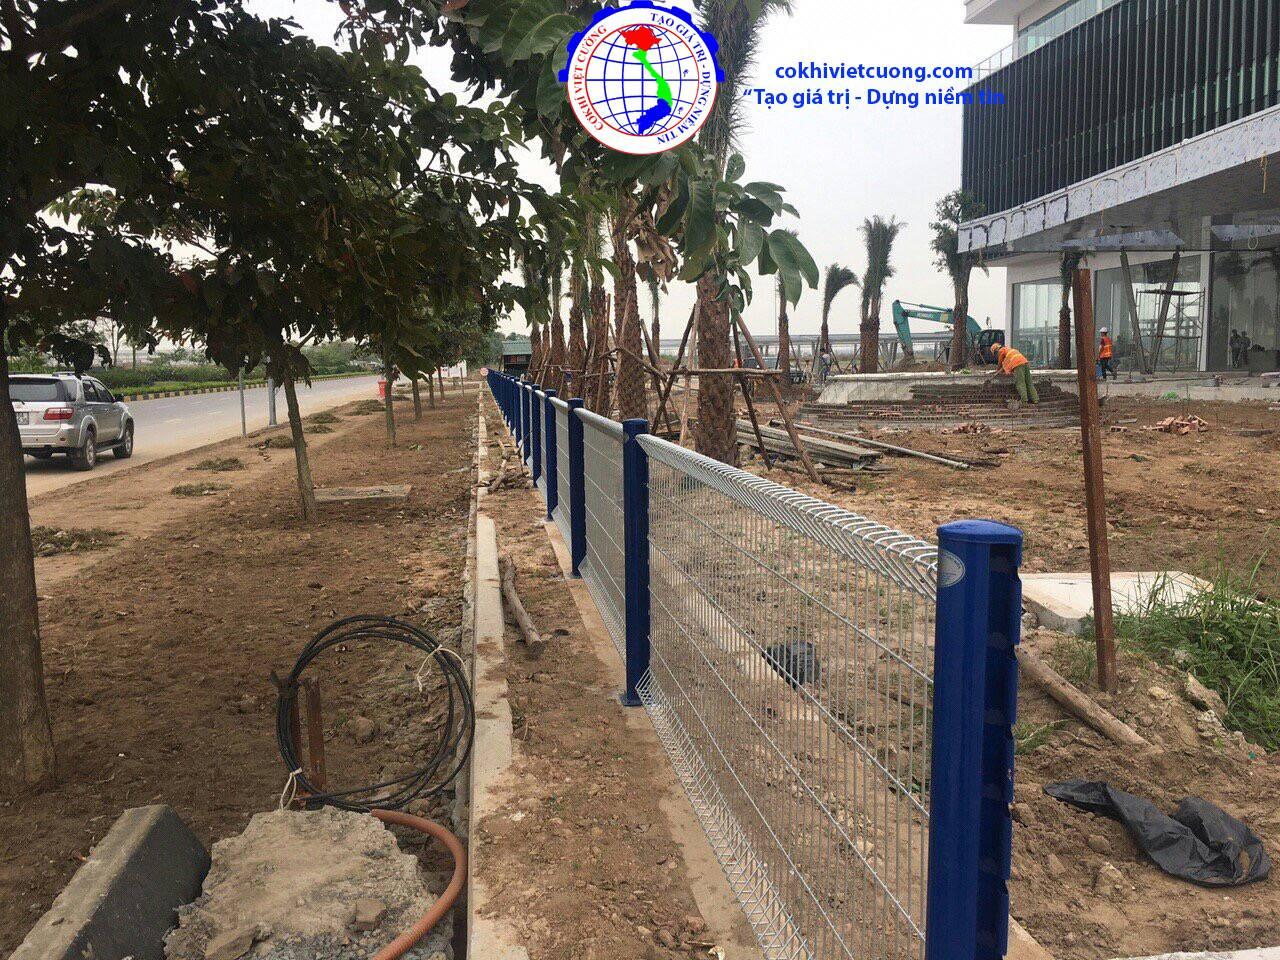 hàng rào sắt cột trái đào sơn tĩnh điện màu xanh dương